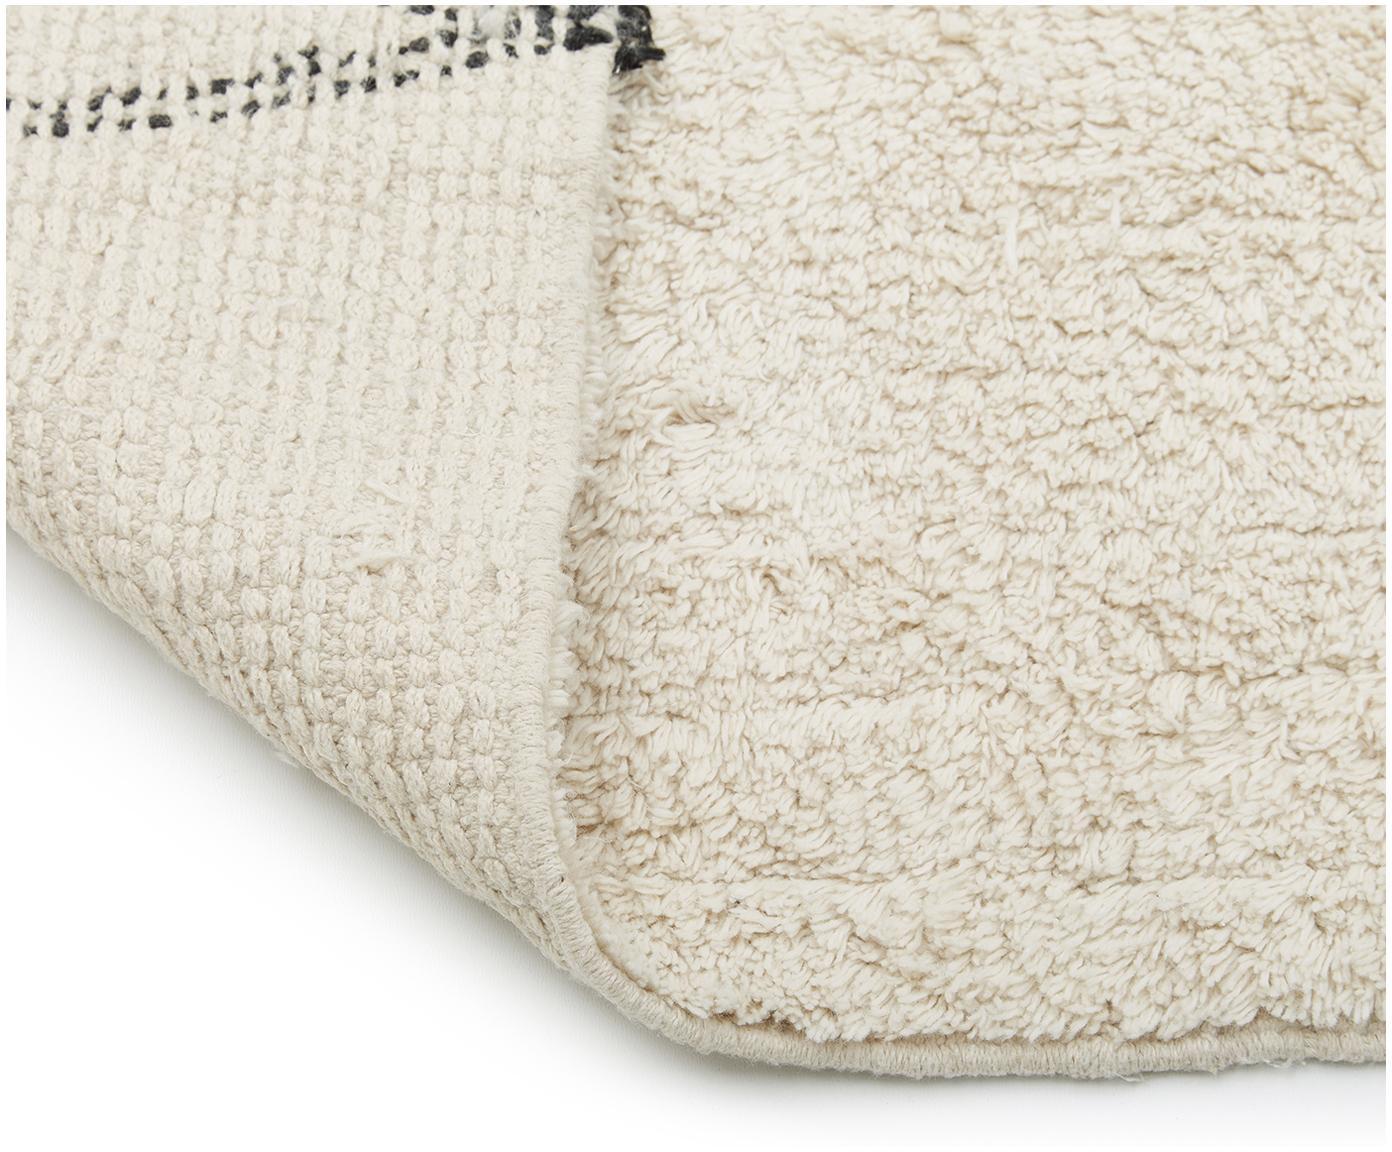 Ručne tkaný bavlnený koberec Asisa, Béžová, čierna